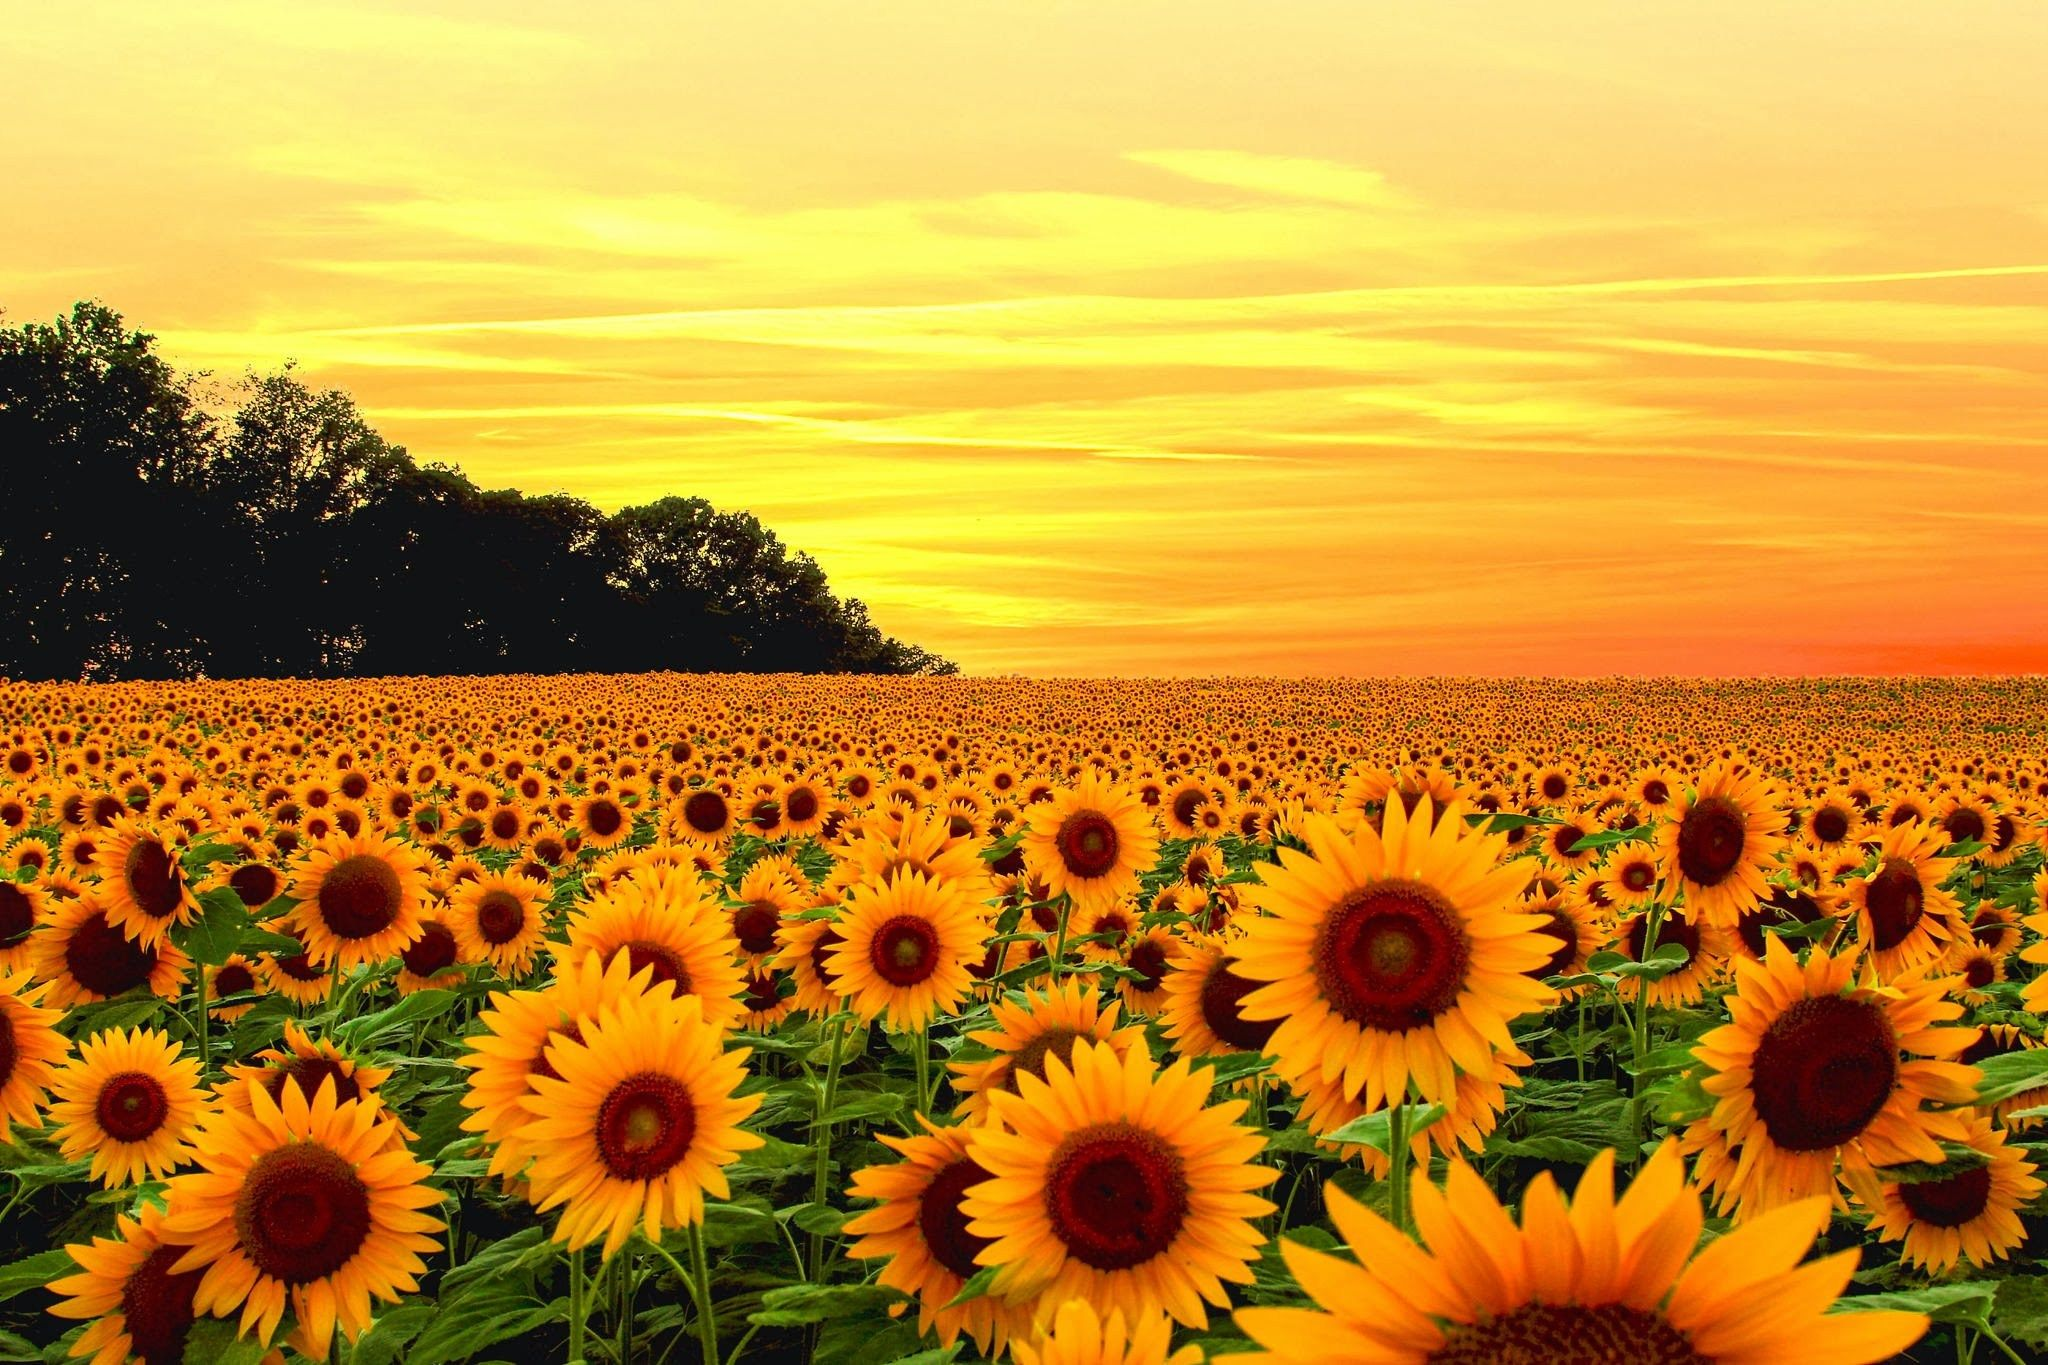 Saiku Alternativo Helianthus Girasol Una Flor Solar Campo De Girasoles Imagenes De Girasoles Girasoles